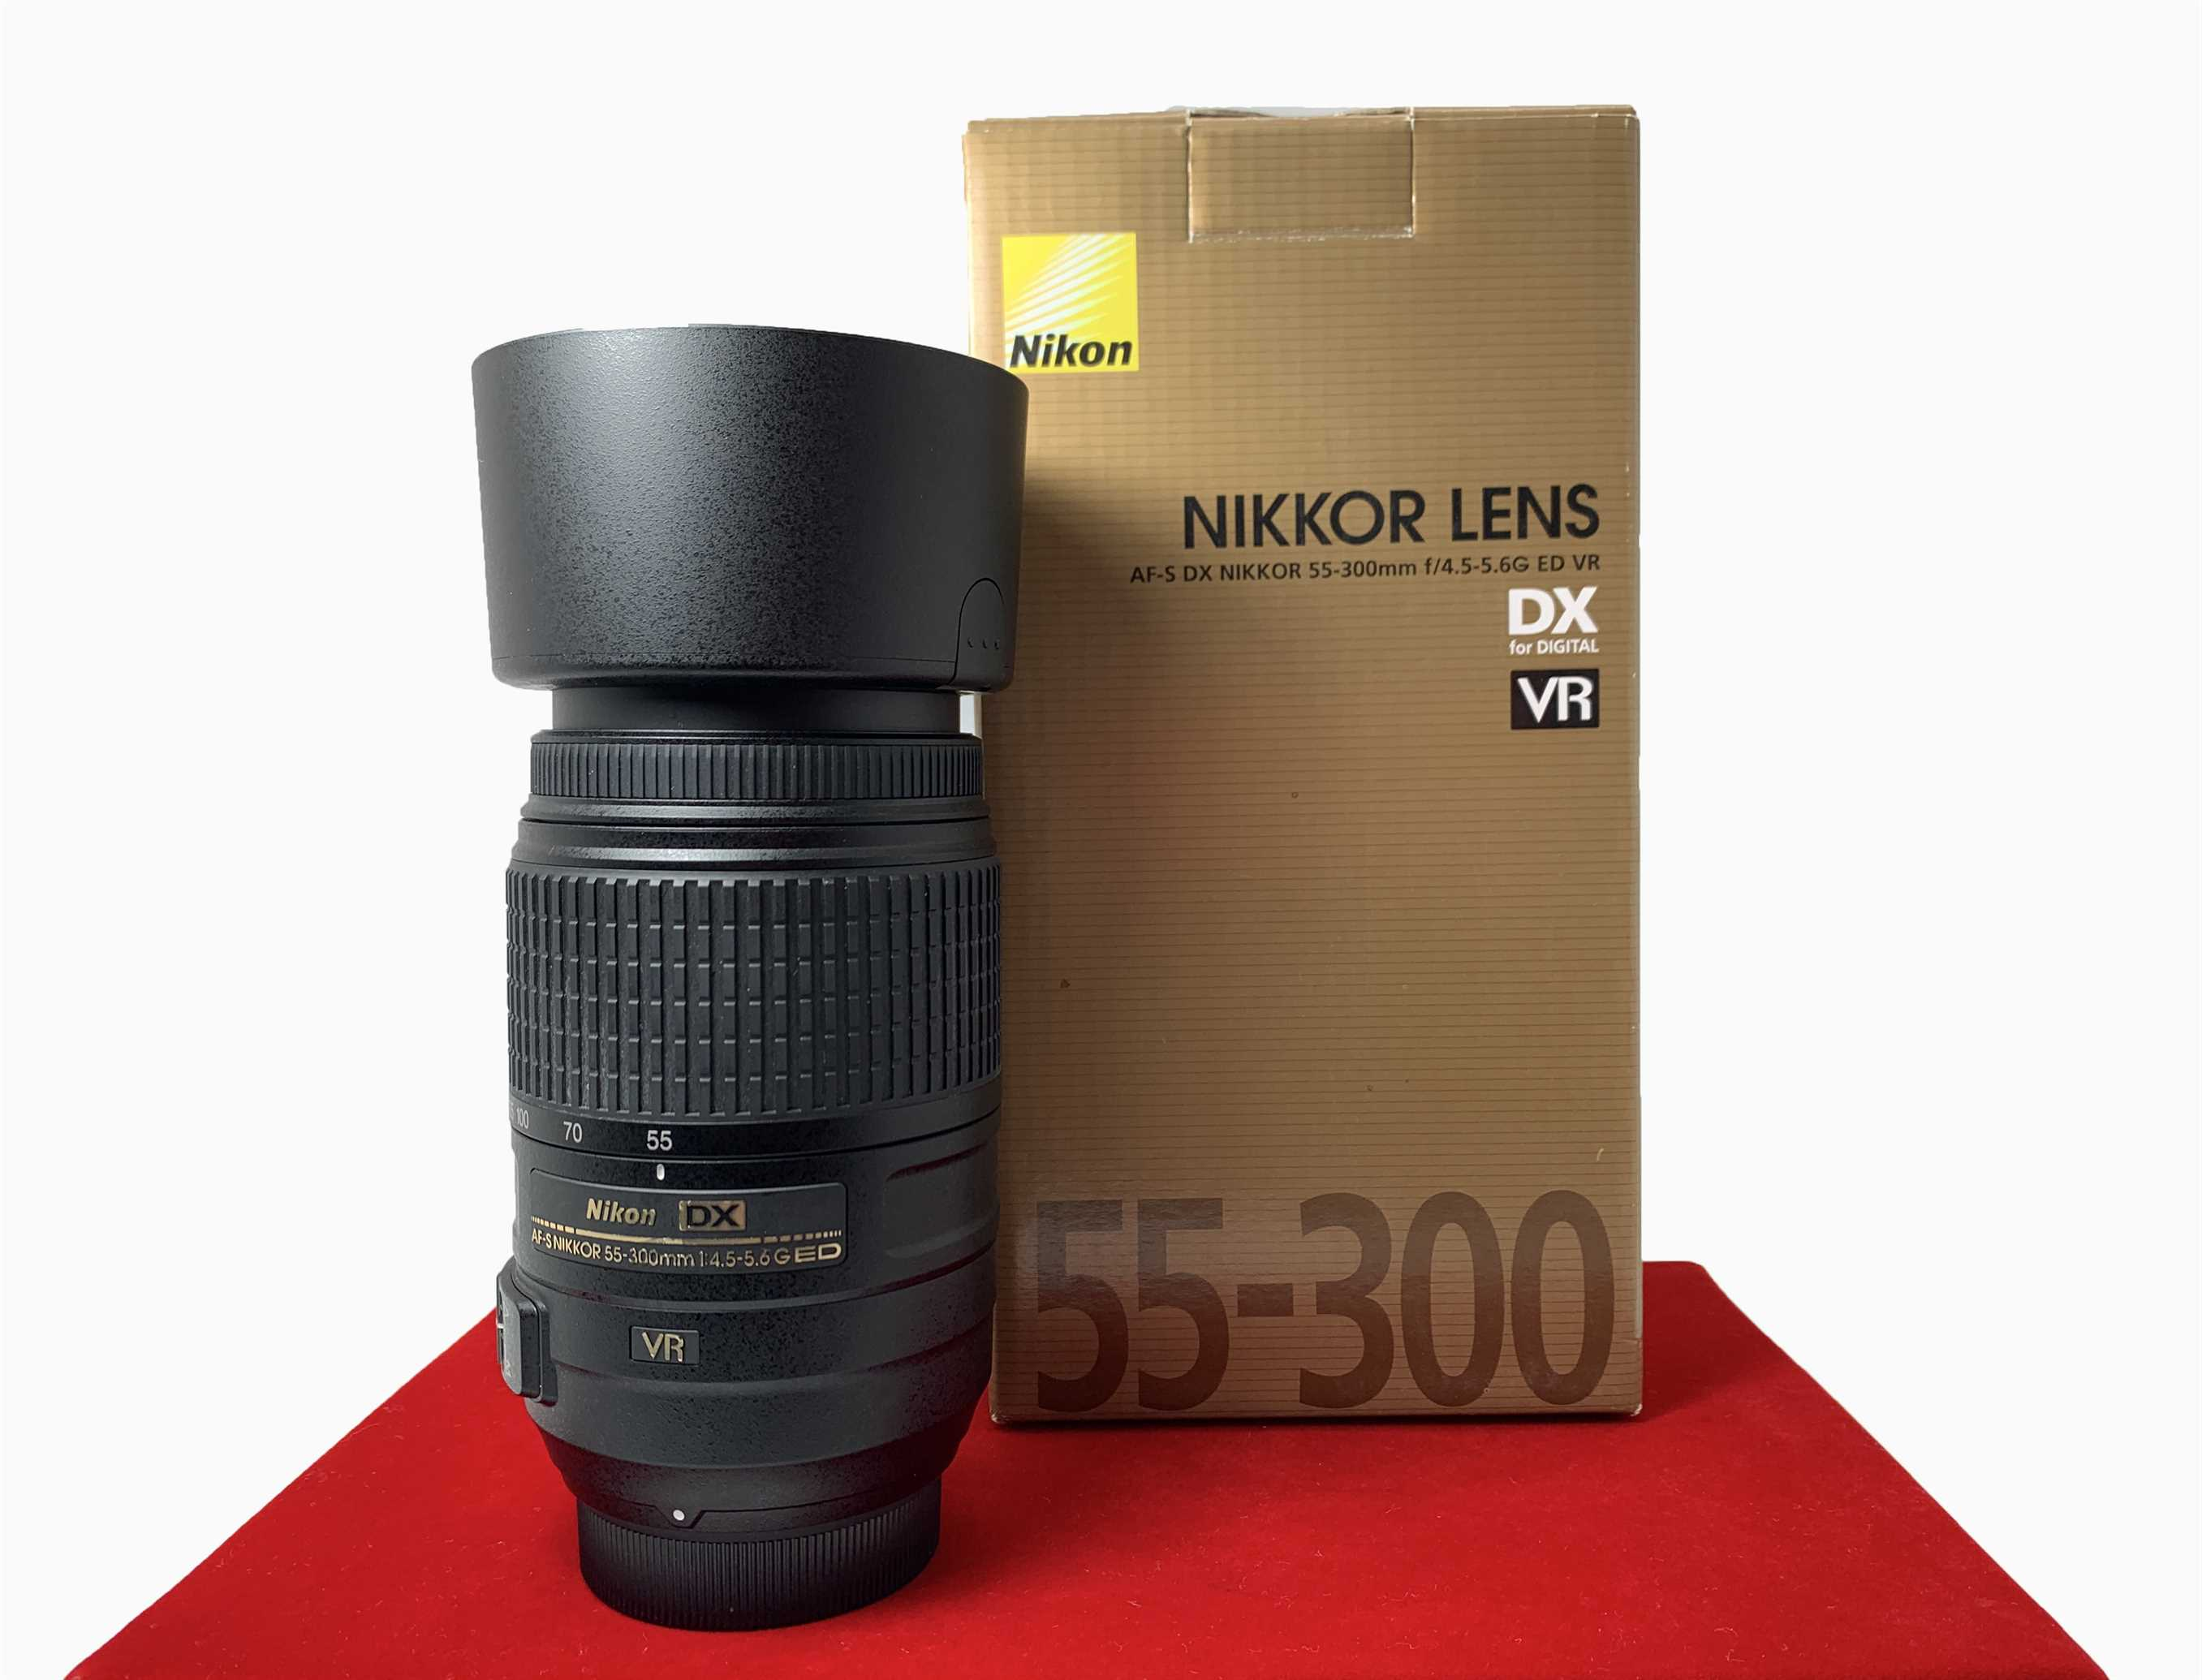 [USED-PJ33] Nikon DX 55-300mm F4.5-5.6G AF-S ED VR, 95% Like New Condition (S/N:2907043)